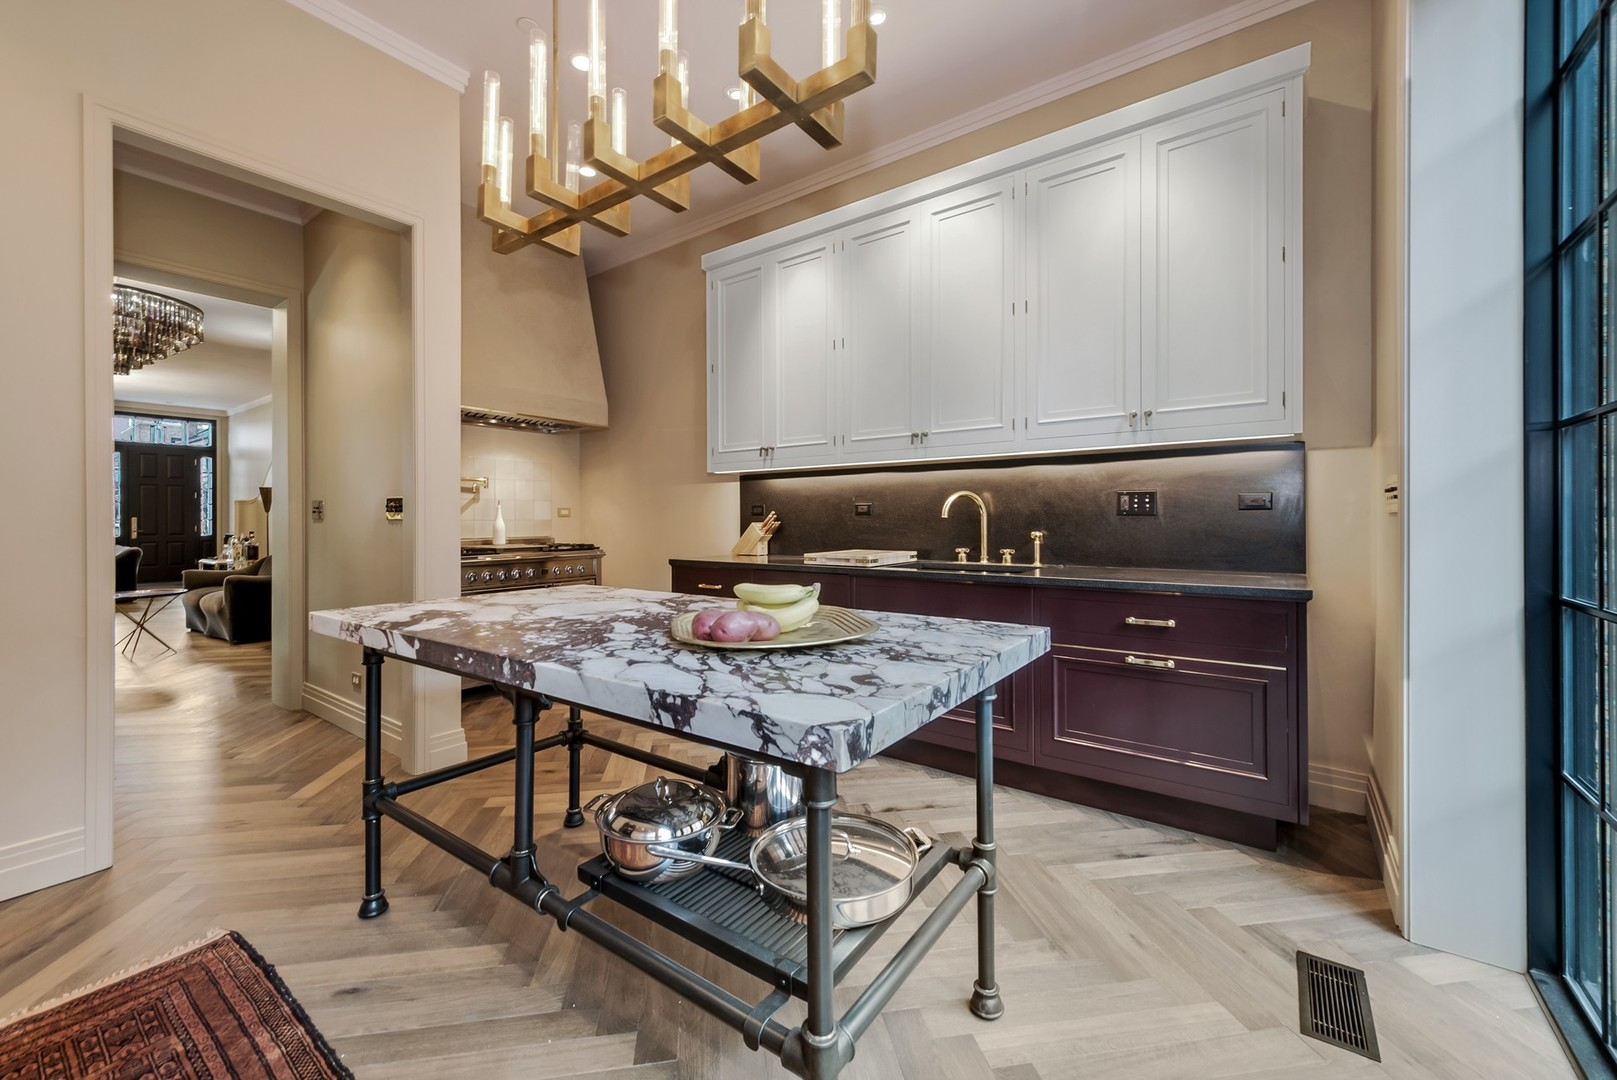 Kchen. Finest Kitchen Design U Planning Ikea Elegant Kchen Ikea With ...